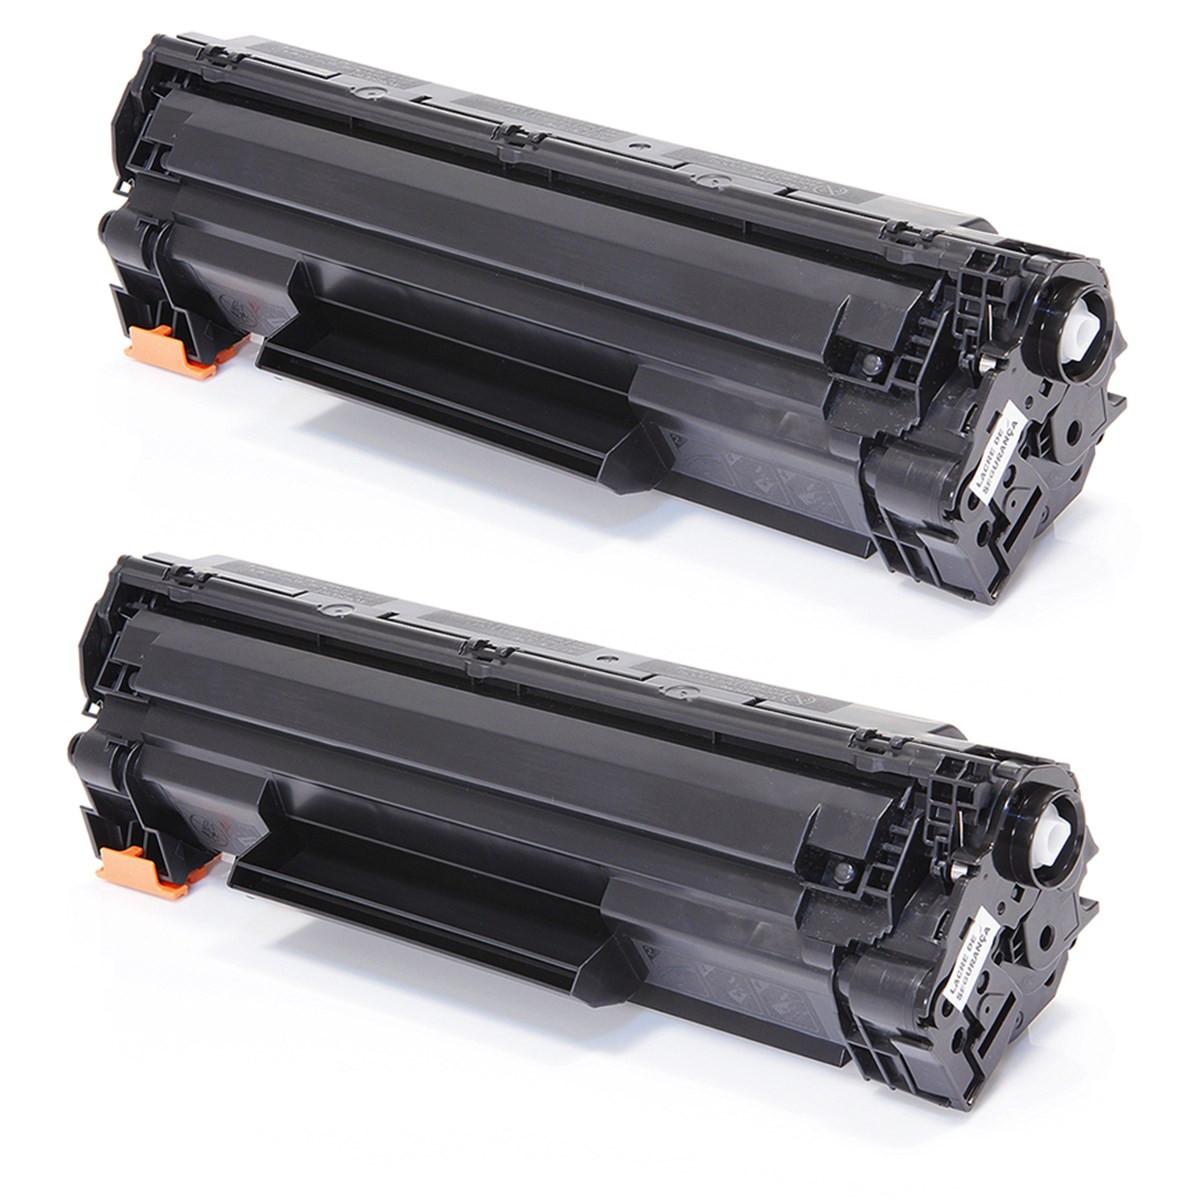 Kit 2 Toner Compatível com HP P1005 P1505 M1120 M1132 P1102 | 85A 36A 35A Universal Premium 1.8k